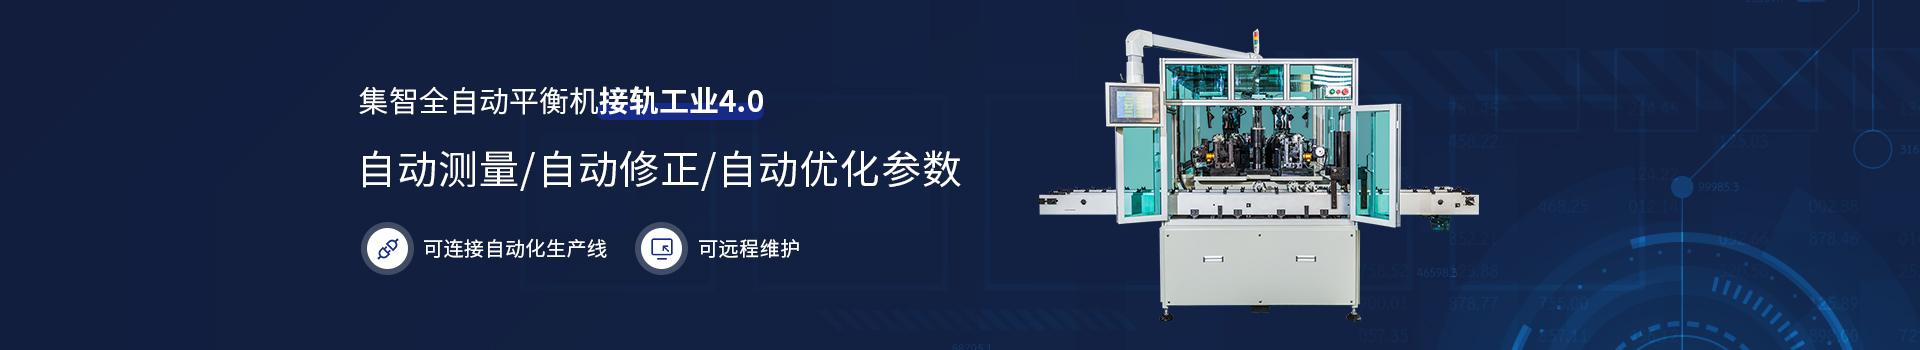 集智全自动平衡机接轨工业4.0